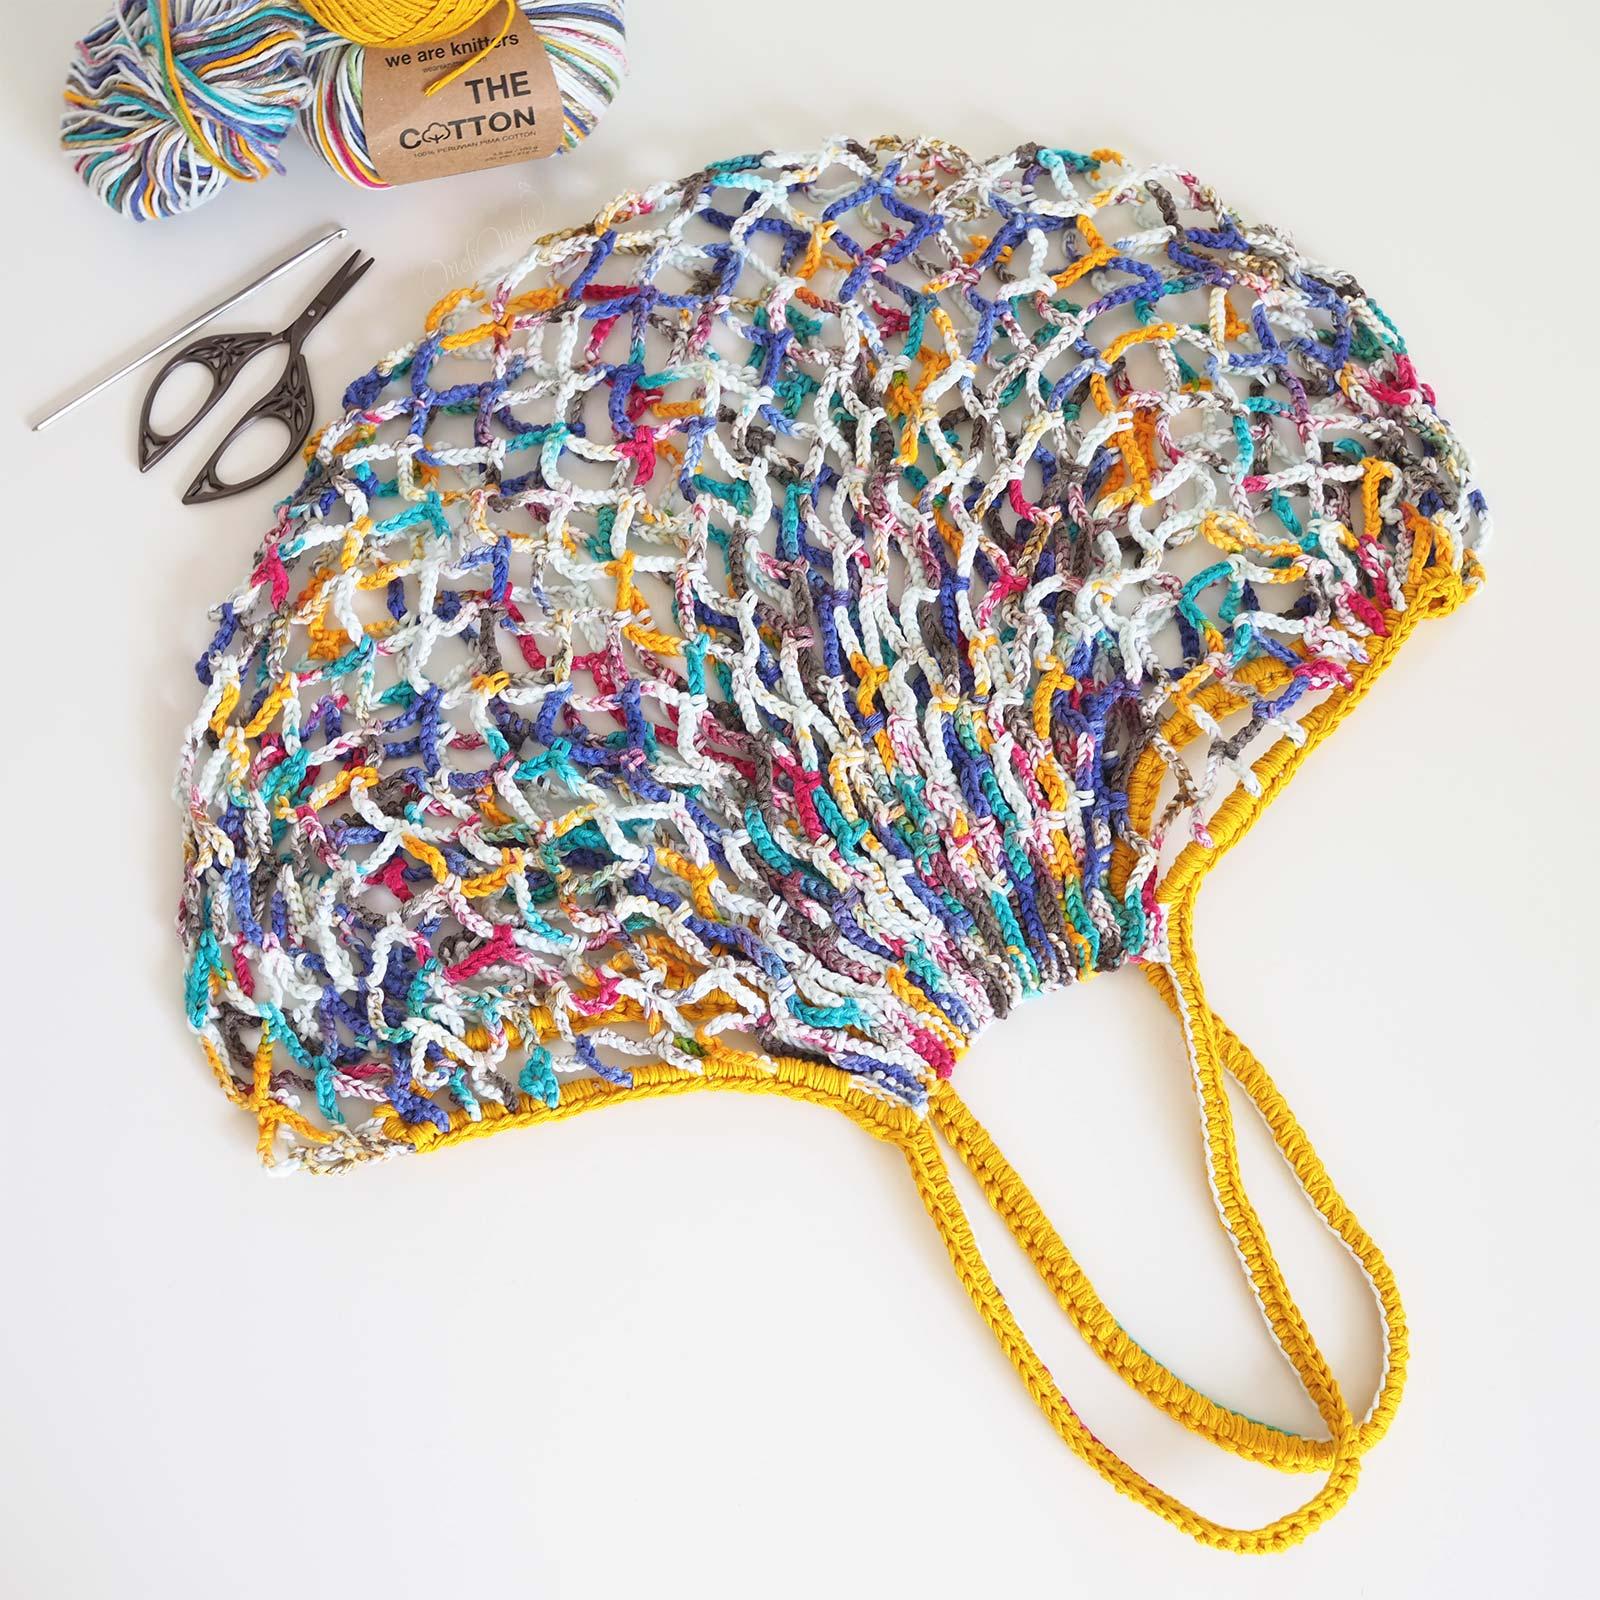 crochet-sac-filet-pima-thehandpaintedsprinkle-weareknitters-outstandingcrochet-market-bag-laboutiquedemelimelo